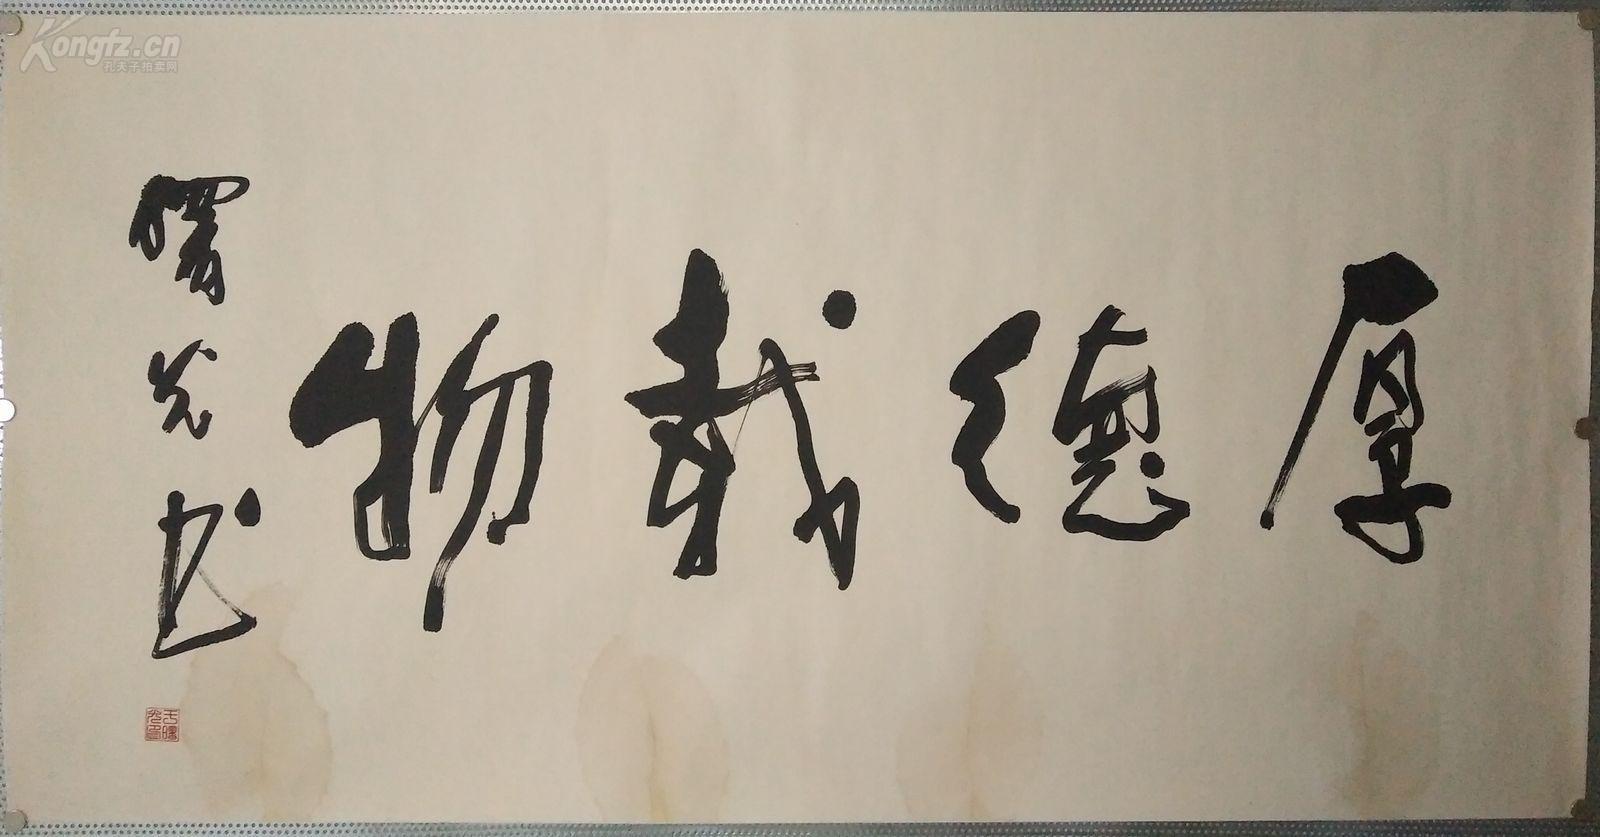 图片1 图片2 题名:于曙光 年代:建国后(1949-至今) 类别:水墨(黑白)图片